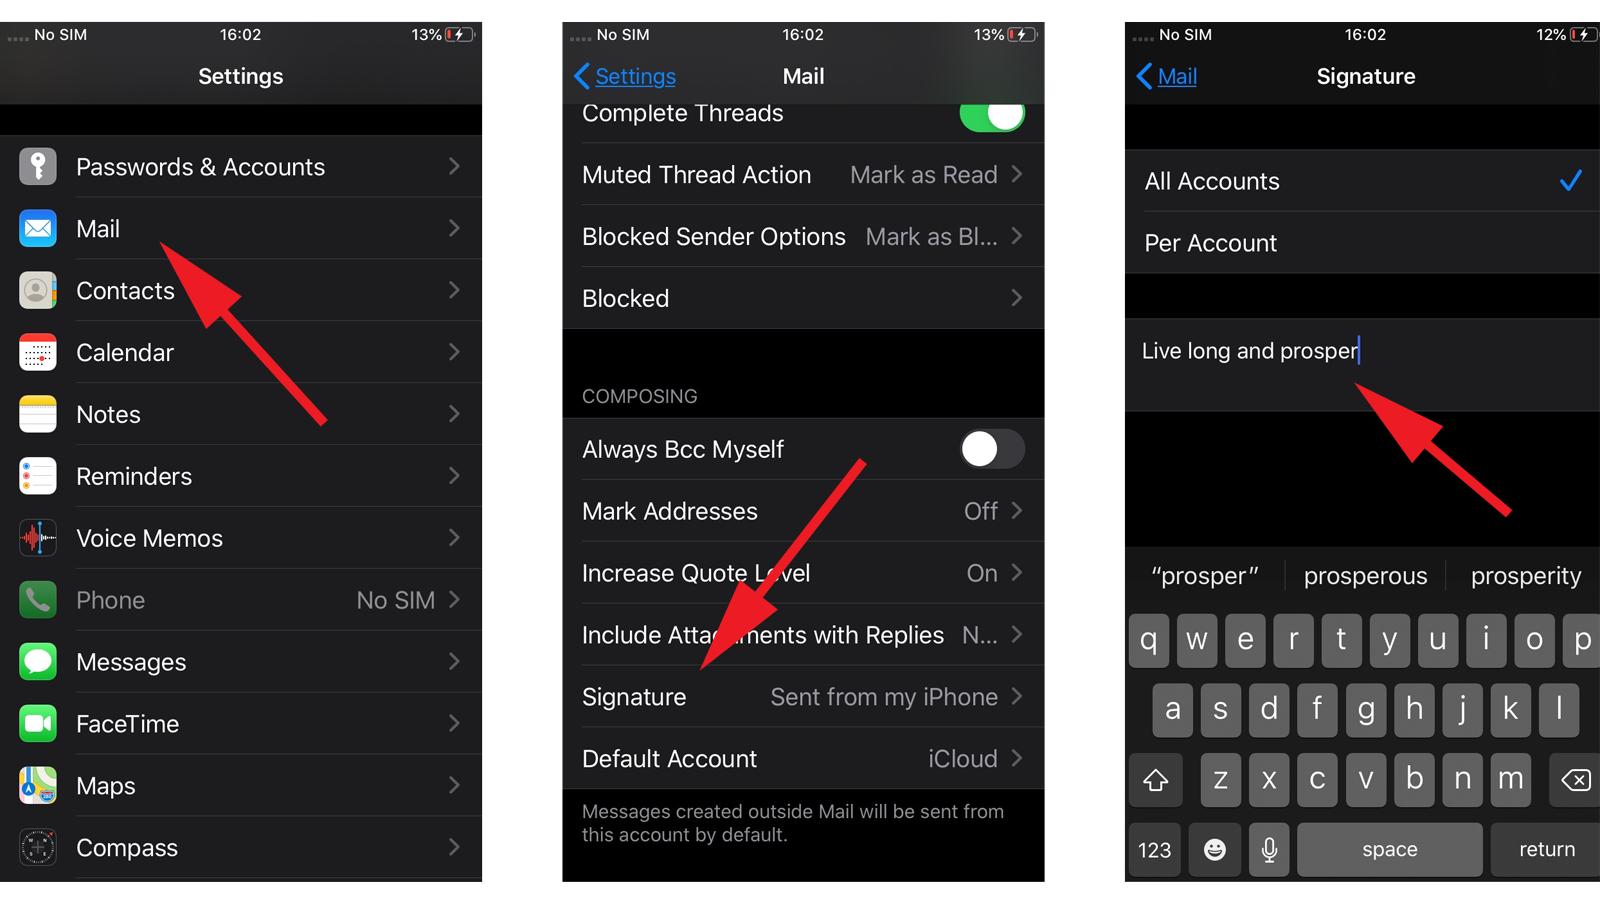 Cómo eliminar 'Enviado desde mi iPhone' en Mail: Configuración